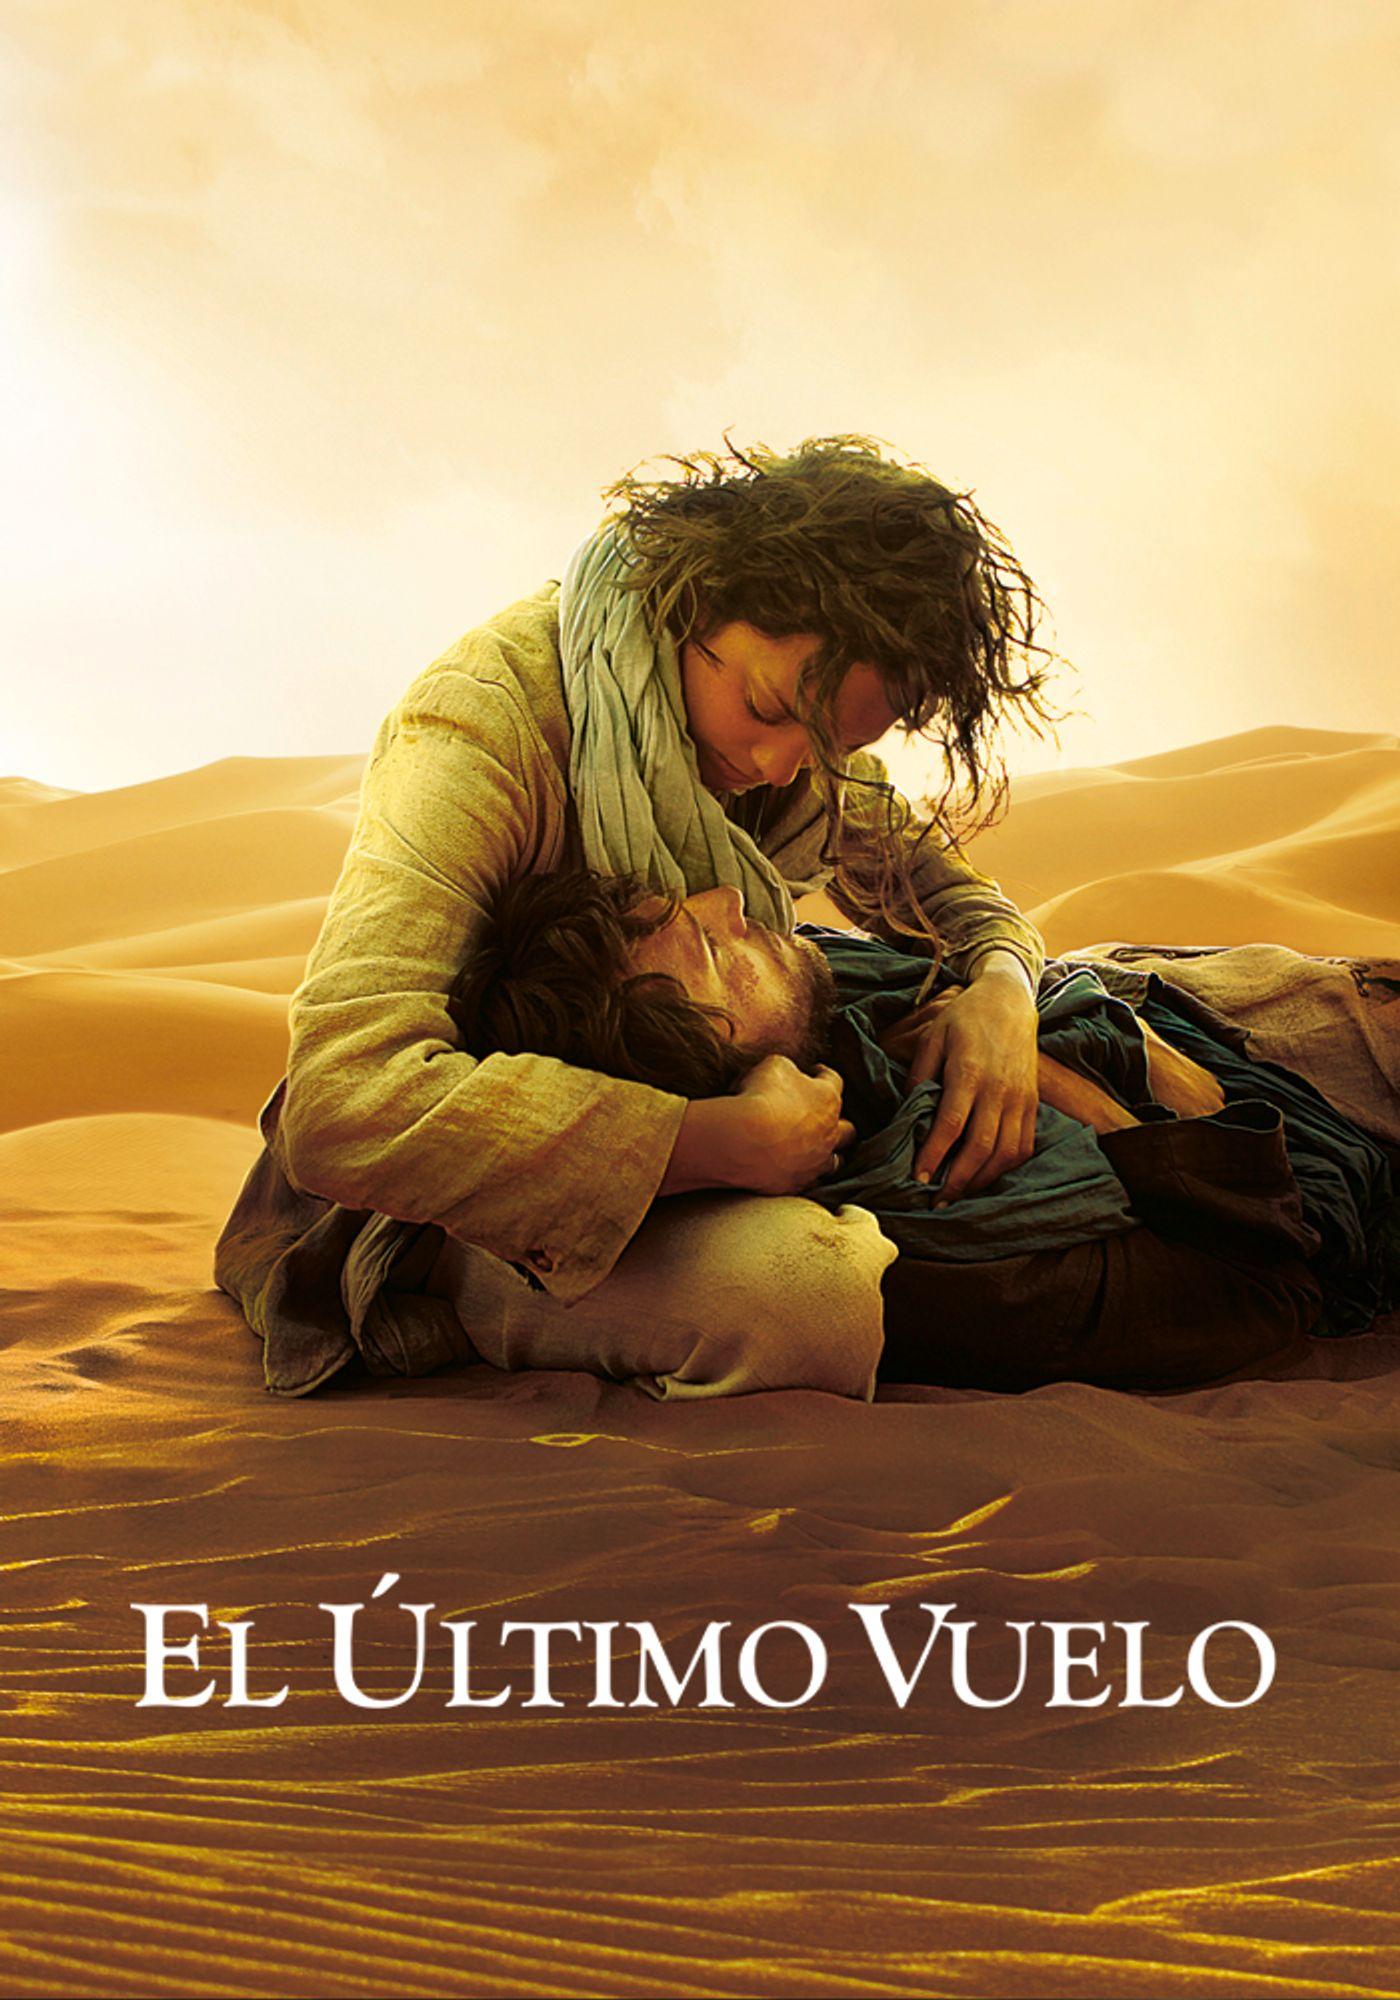 ElUltimoVuelo_MITELE-PLUS_700x1000